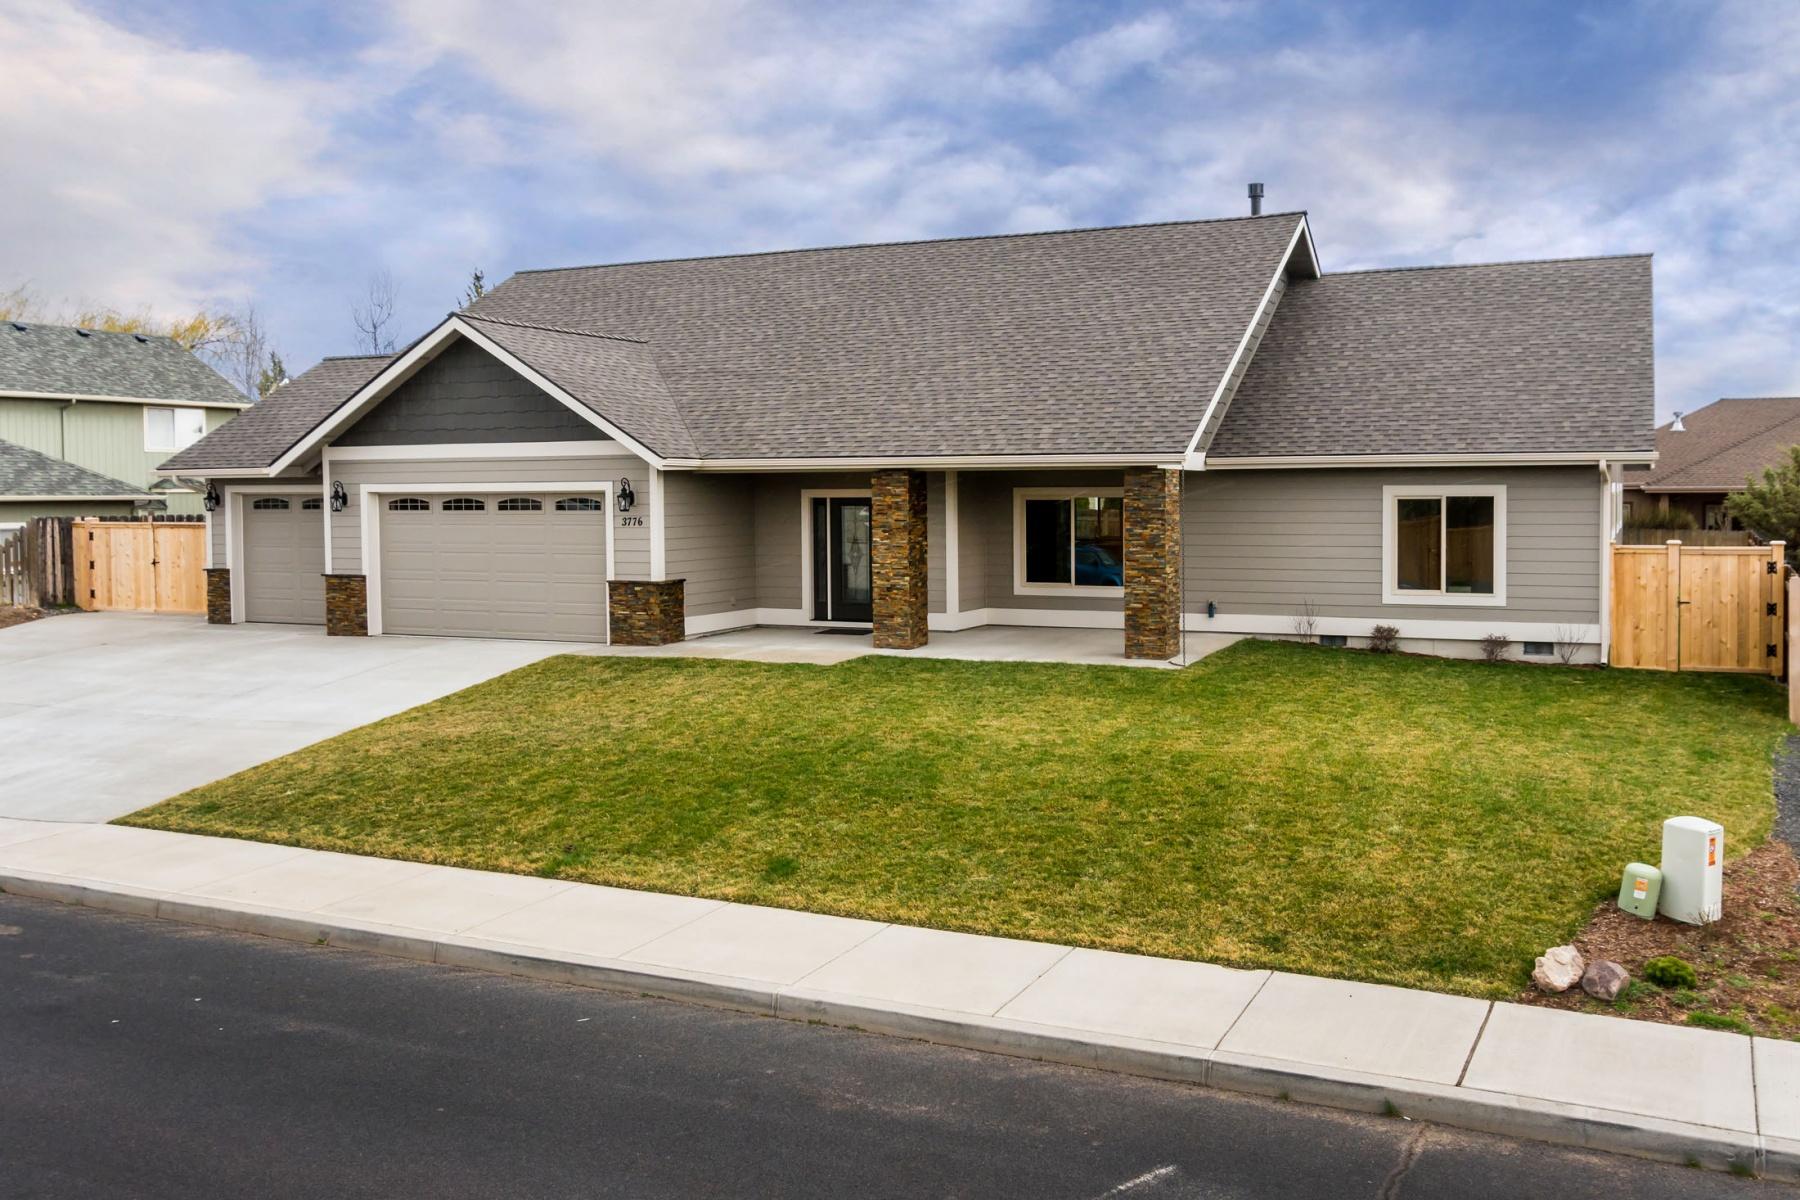 Maison unifamiliale pour l Vente à 3776 SW Wickiup Place, REDMOND Redmond, Oregon, 97756 États-Unis